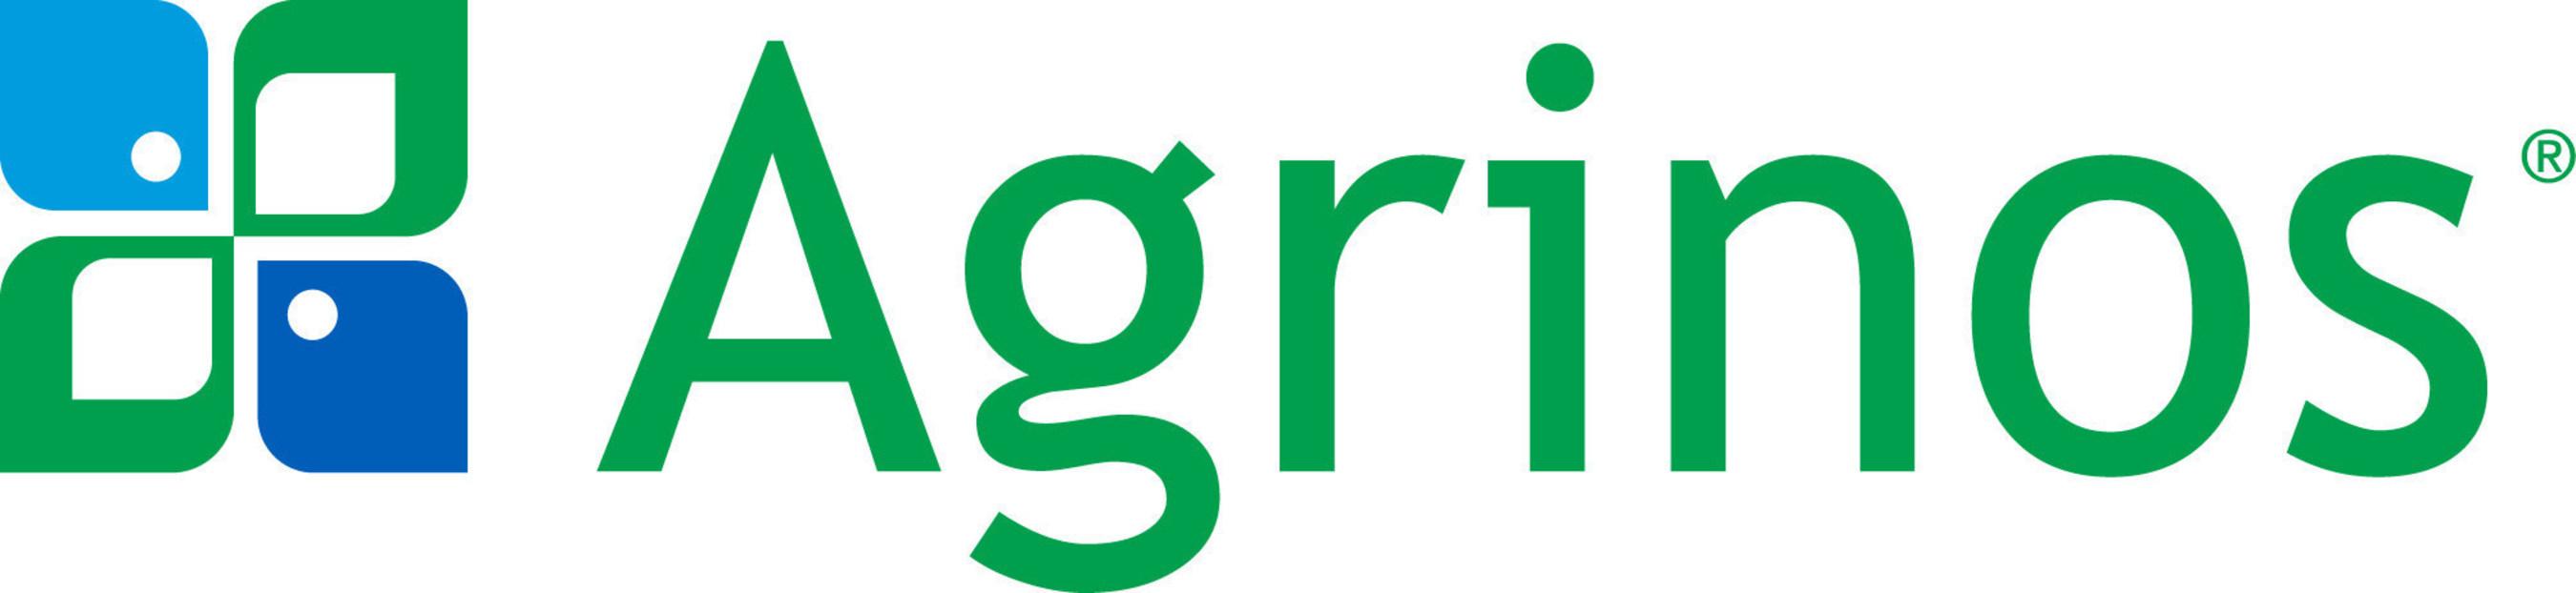 Agrinos logo.